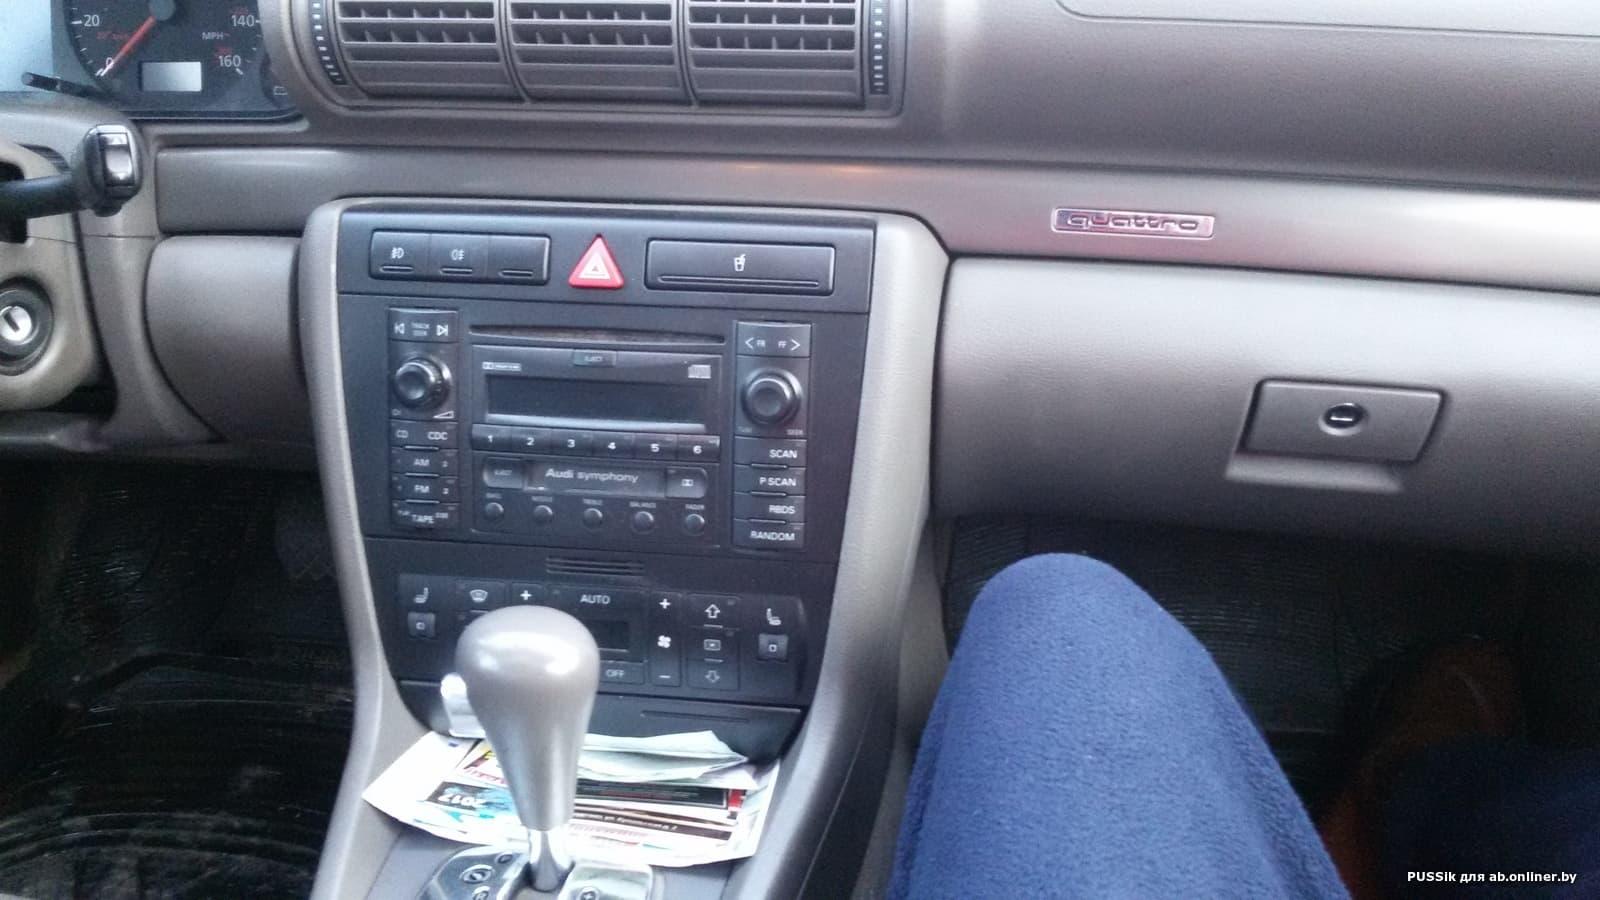 Audi A4 t-quattro